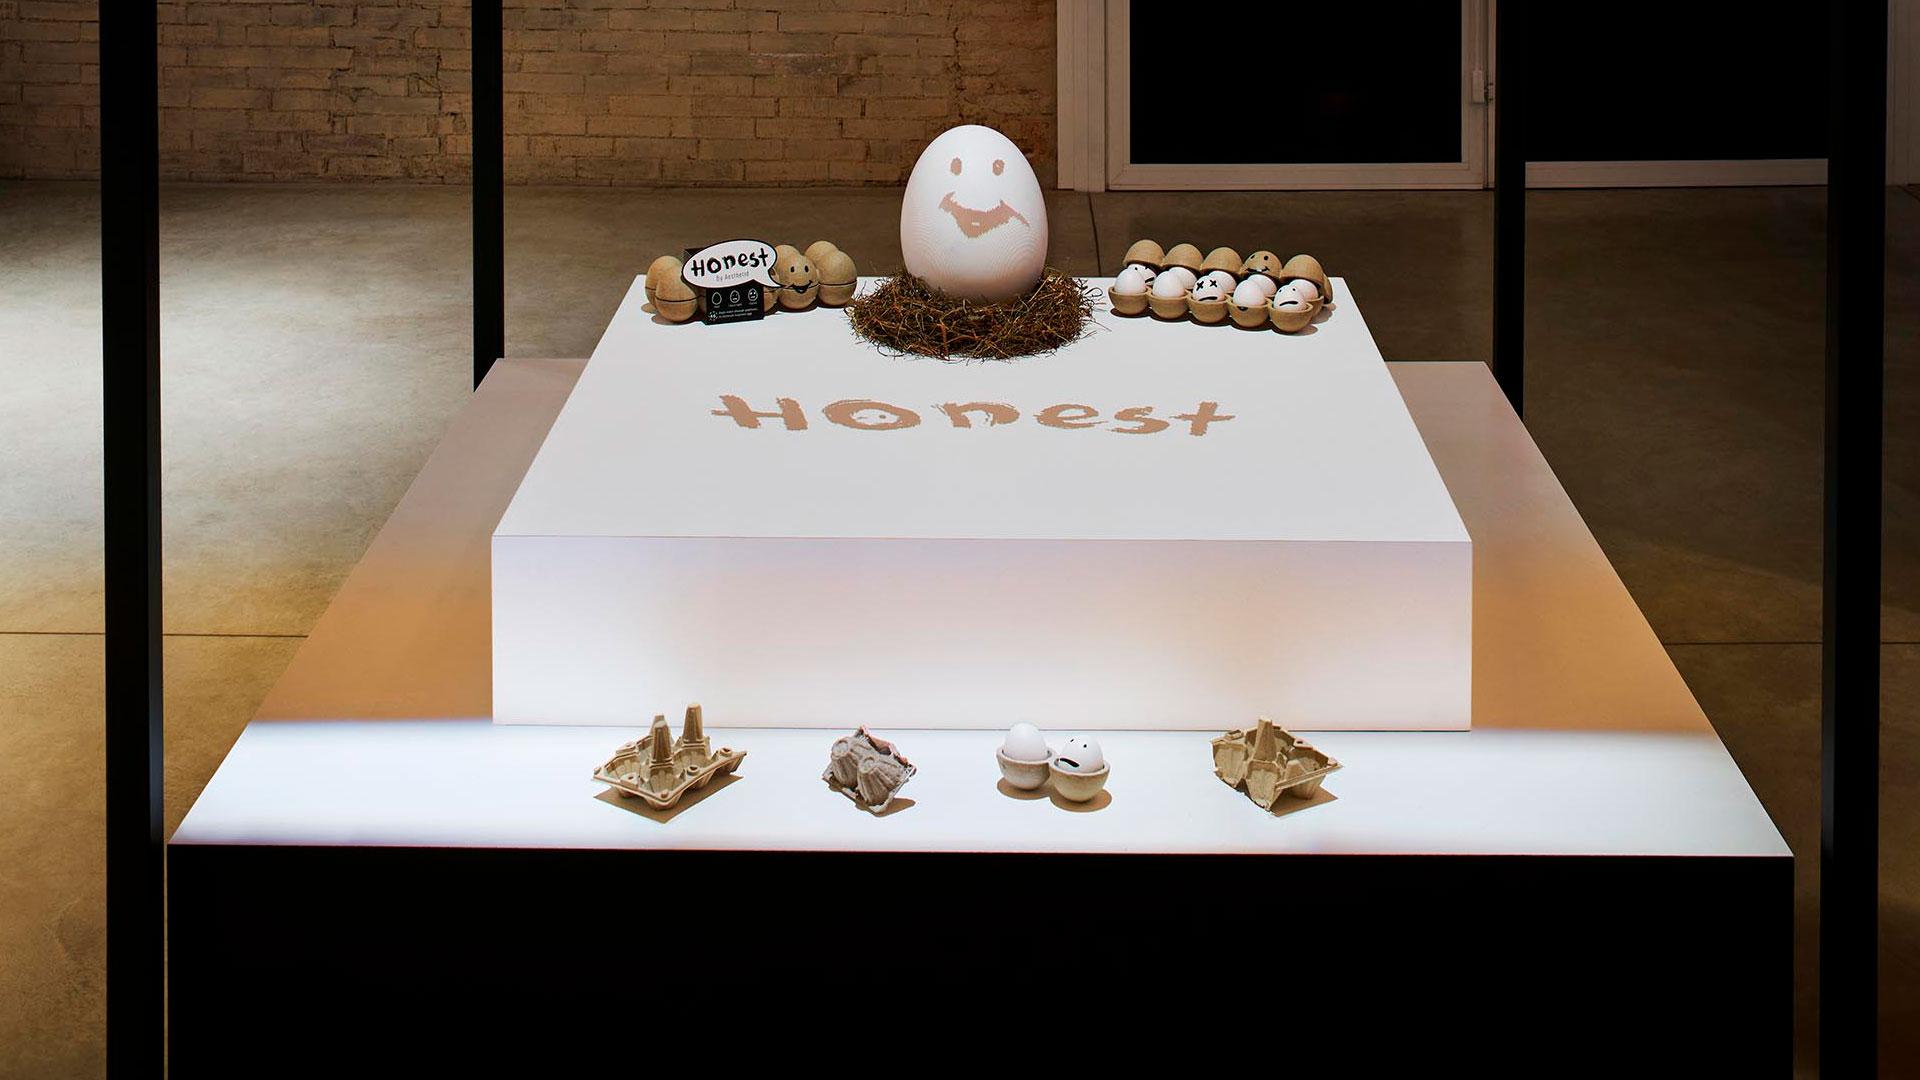 Honest Egg hero asset